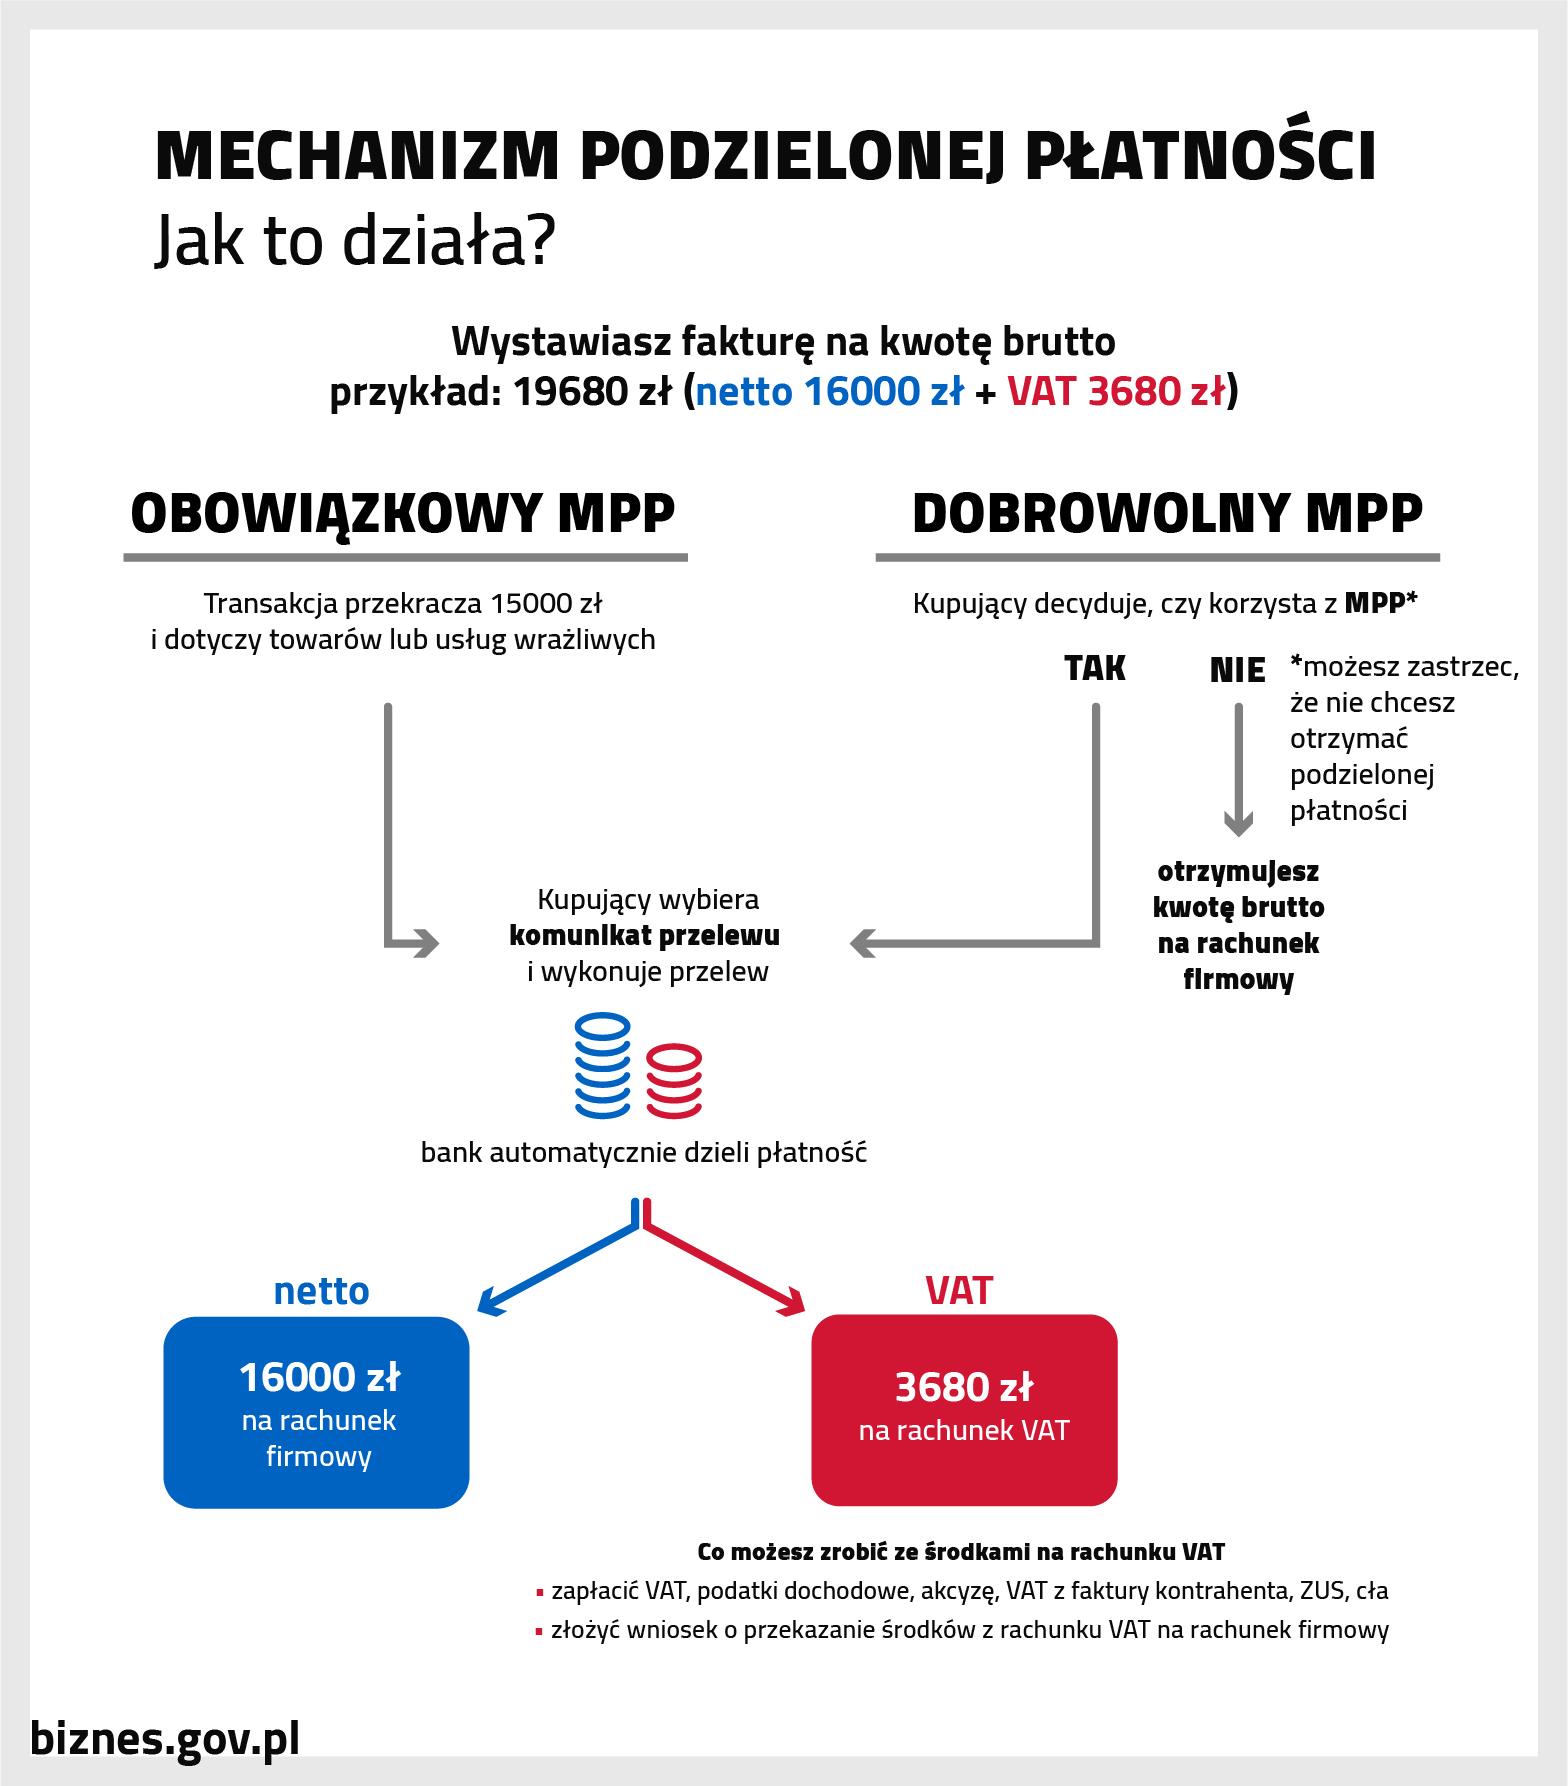 Schemat ilustrujący działanie mechanizmu podzielonej płatności